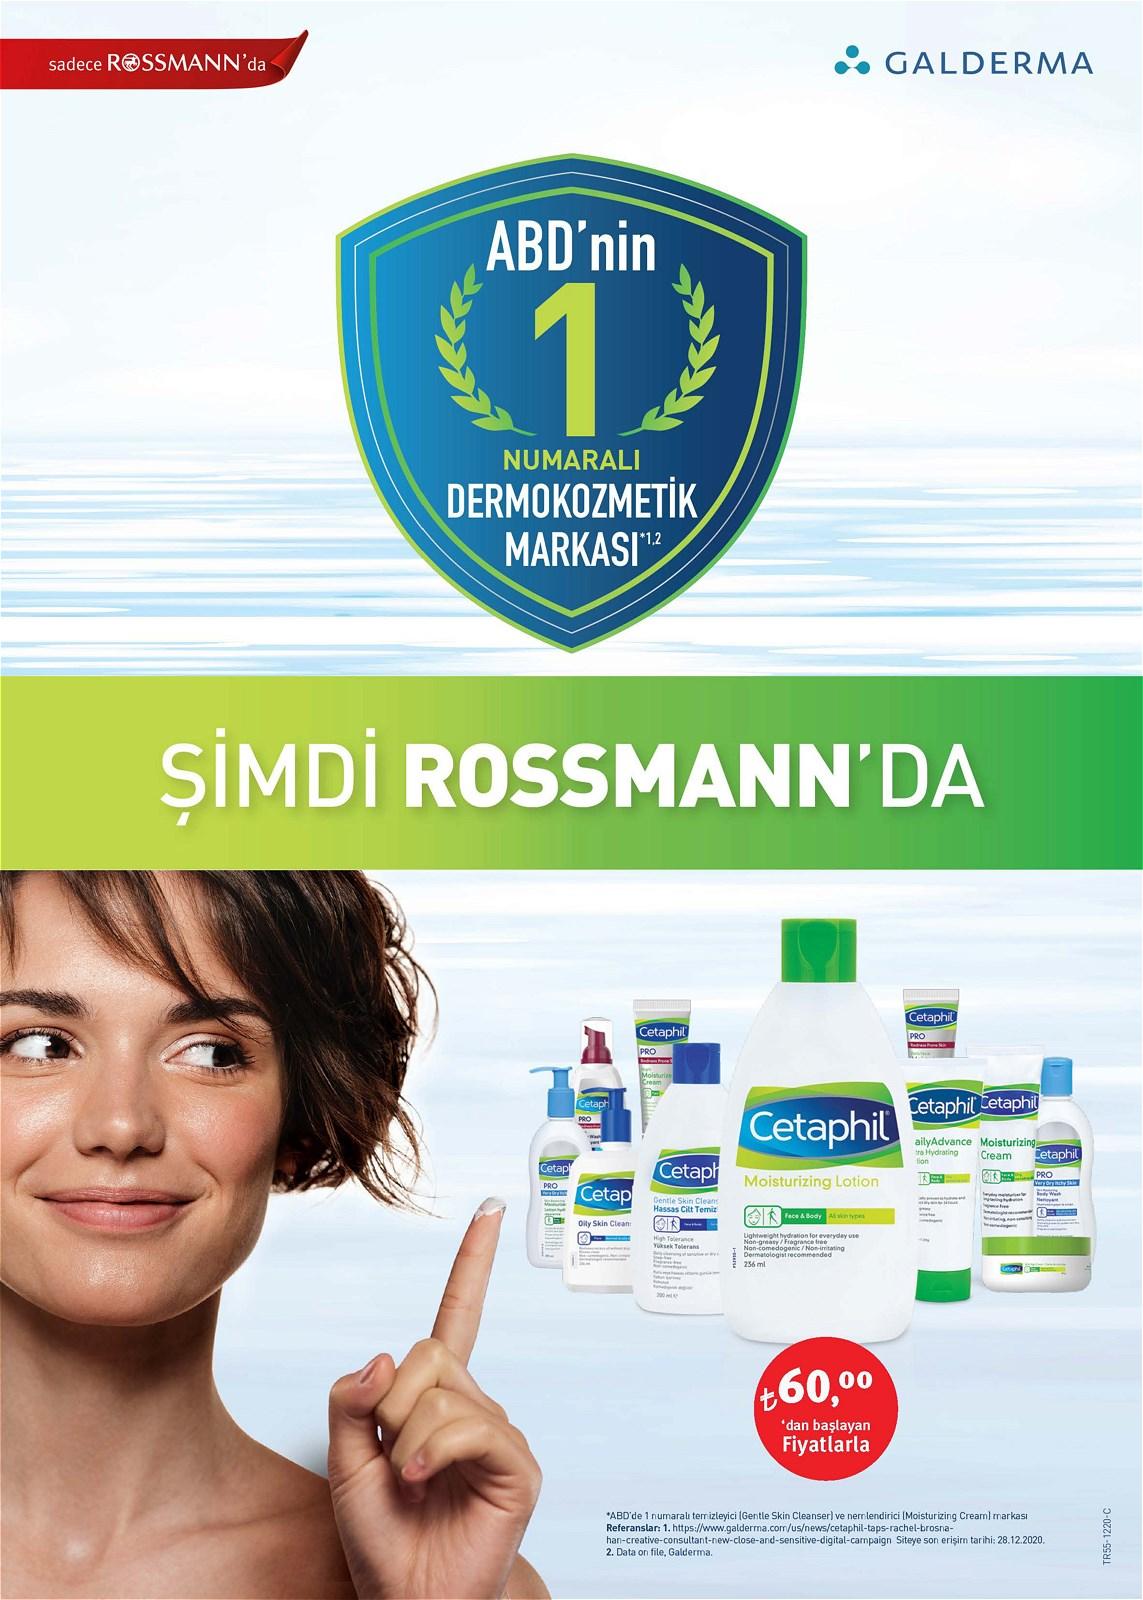 04.01.2021 Rossmann broşürü 19. sayfa